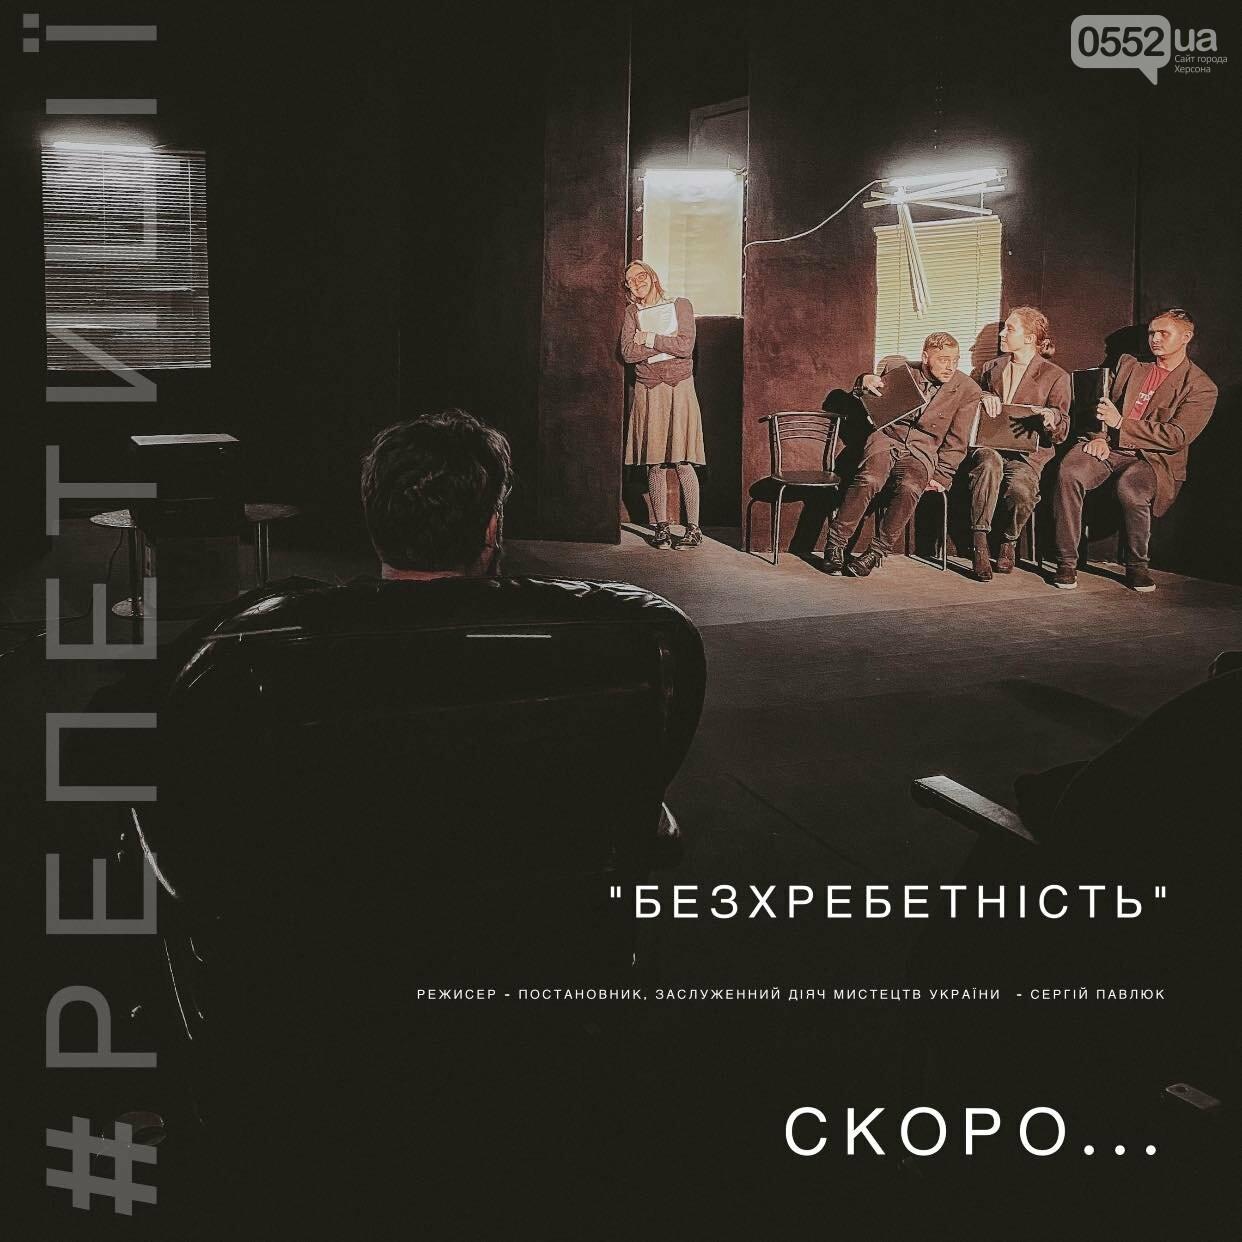 Херсонський драмтеатр готується до прем'єри, фото-1